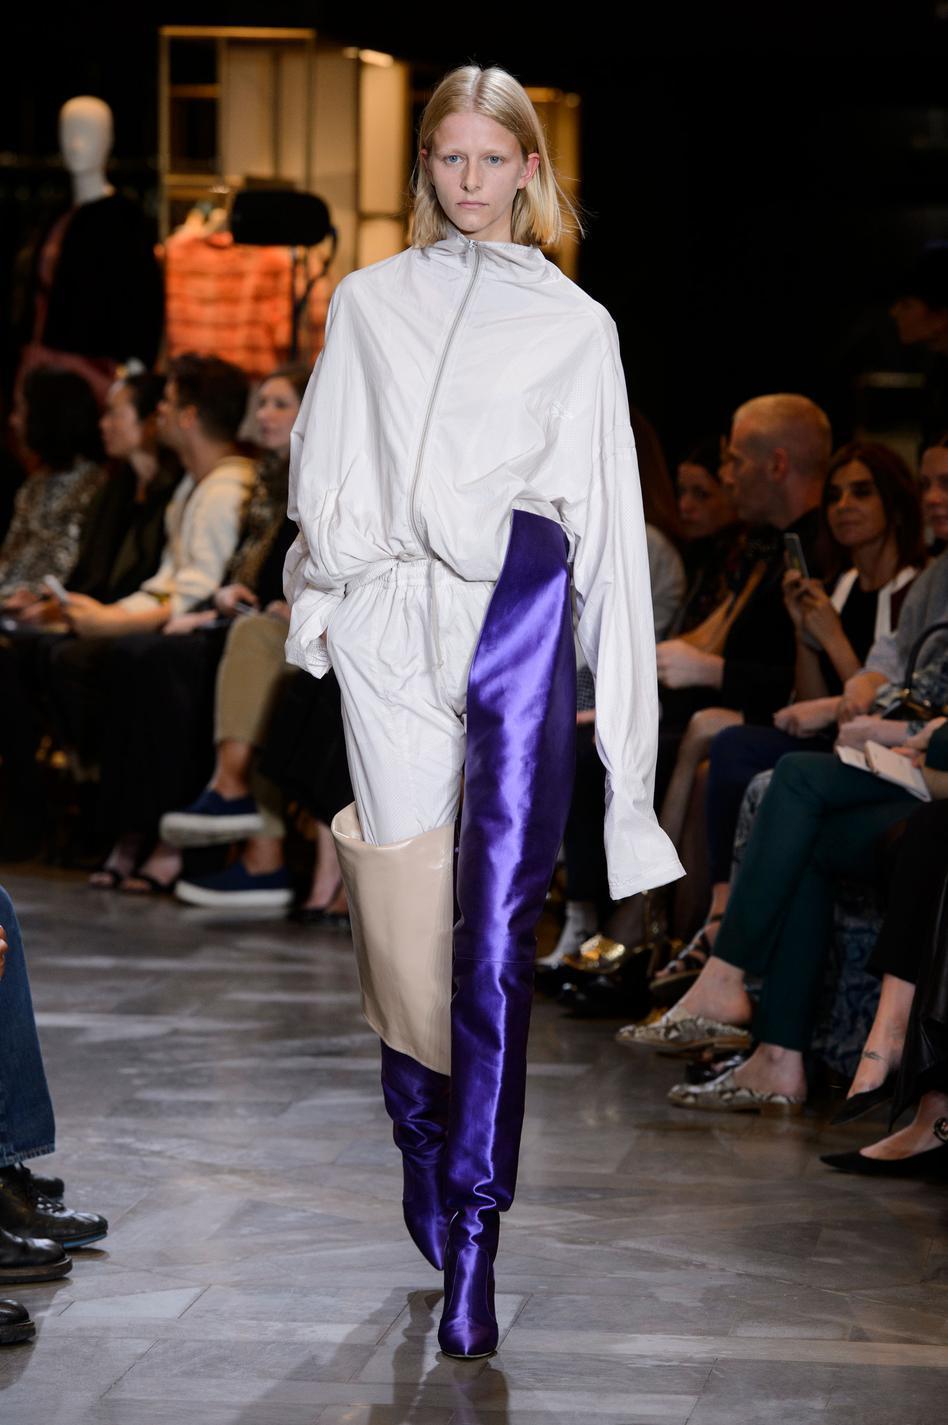 Cuissardes Couture Les À Week De Fashion Haute Conquête La SvqEPn8Rn